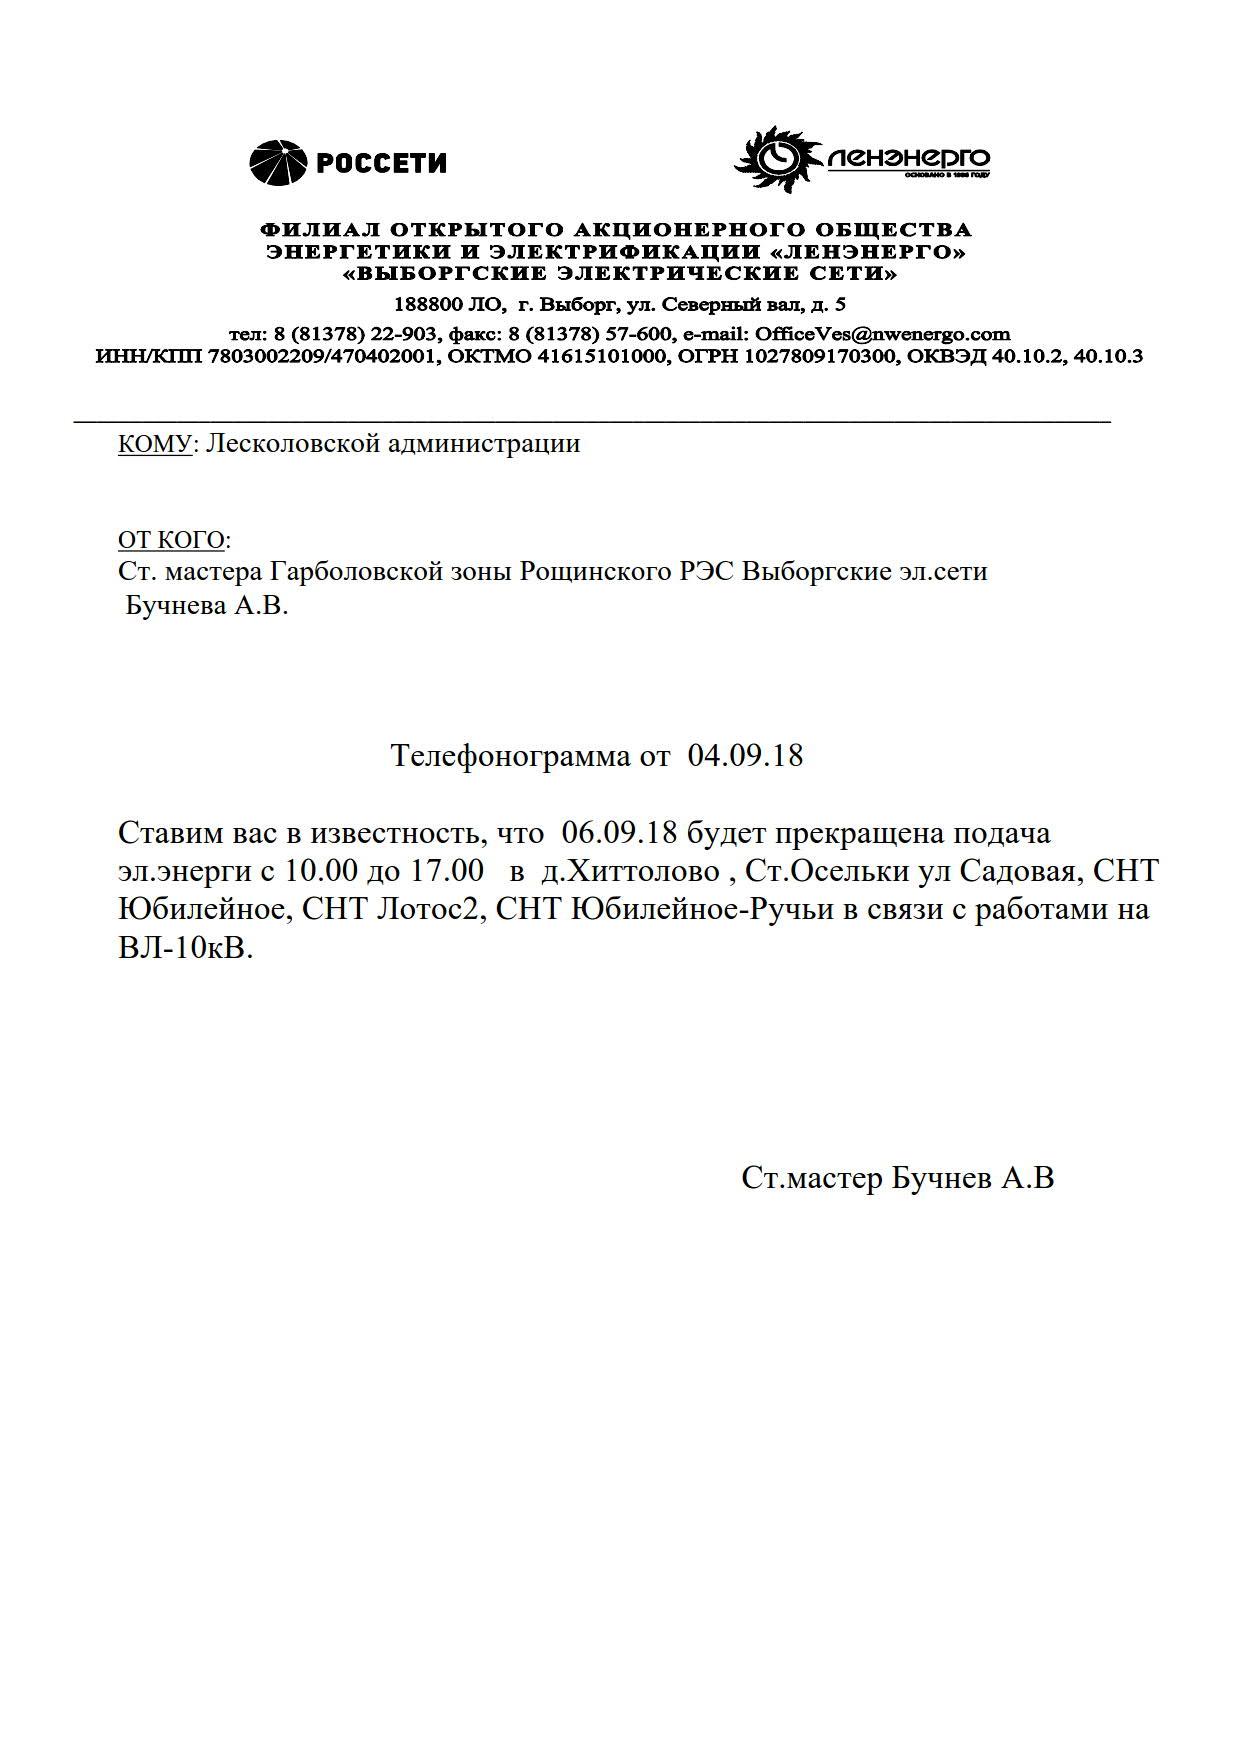 Леск.адм. Ф 628-208_1